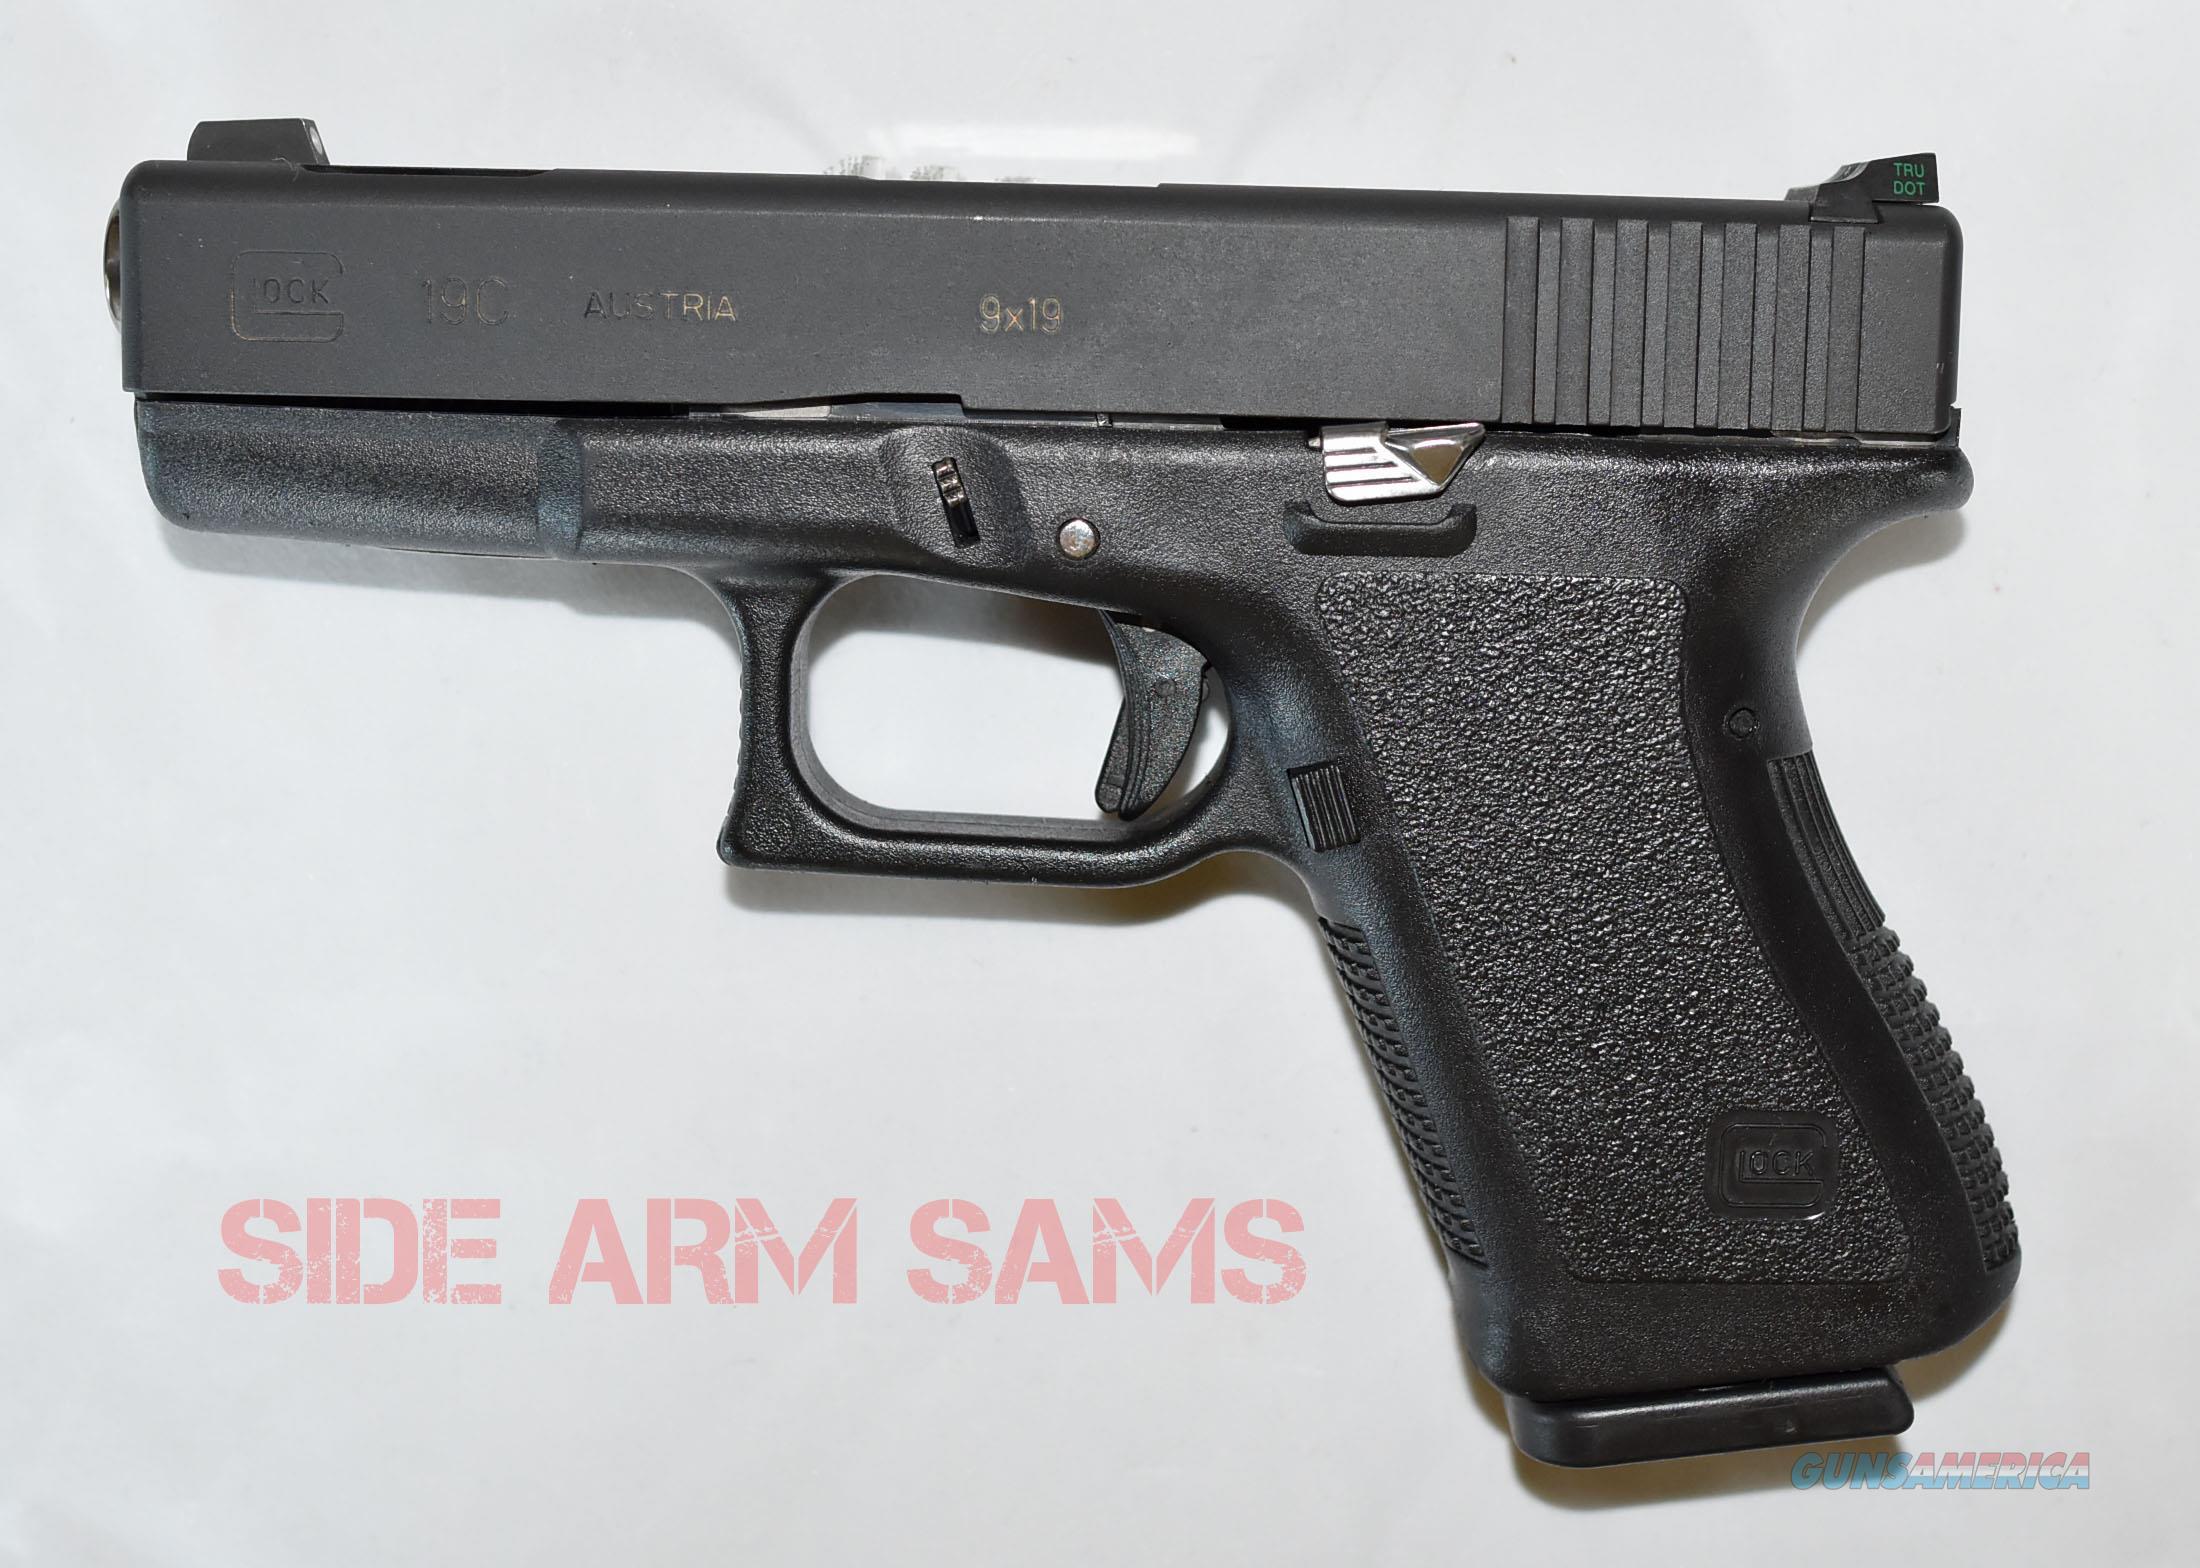 Excellent Vintage Glock 19C Gen 2 with Custom Features  Guns > Pistols > Glock Pistols > 19/19X